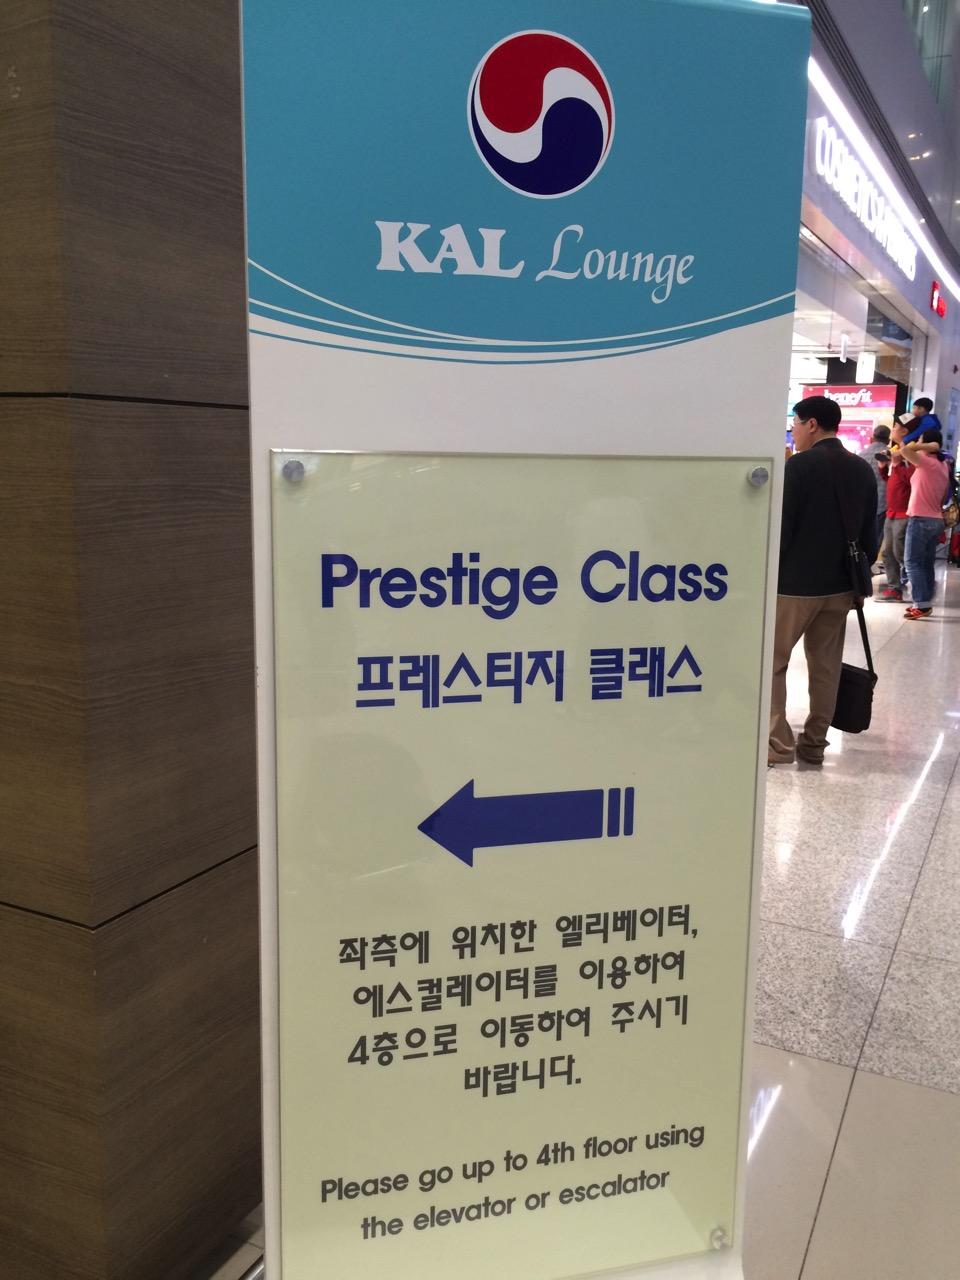 大韓航空 プレステージラウンジ